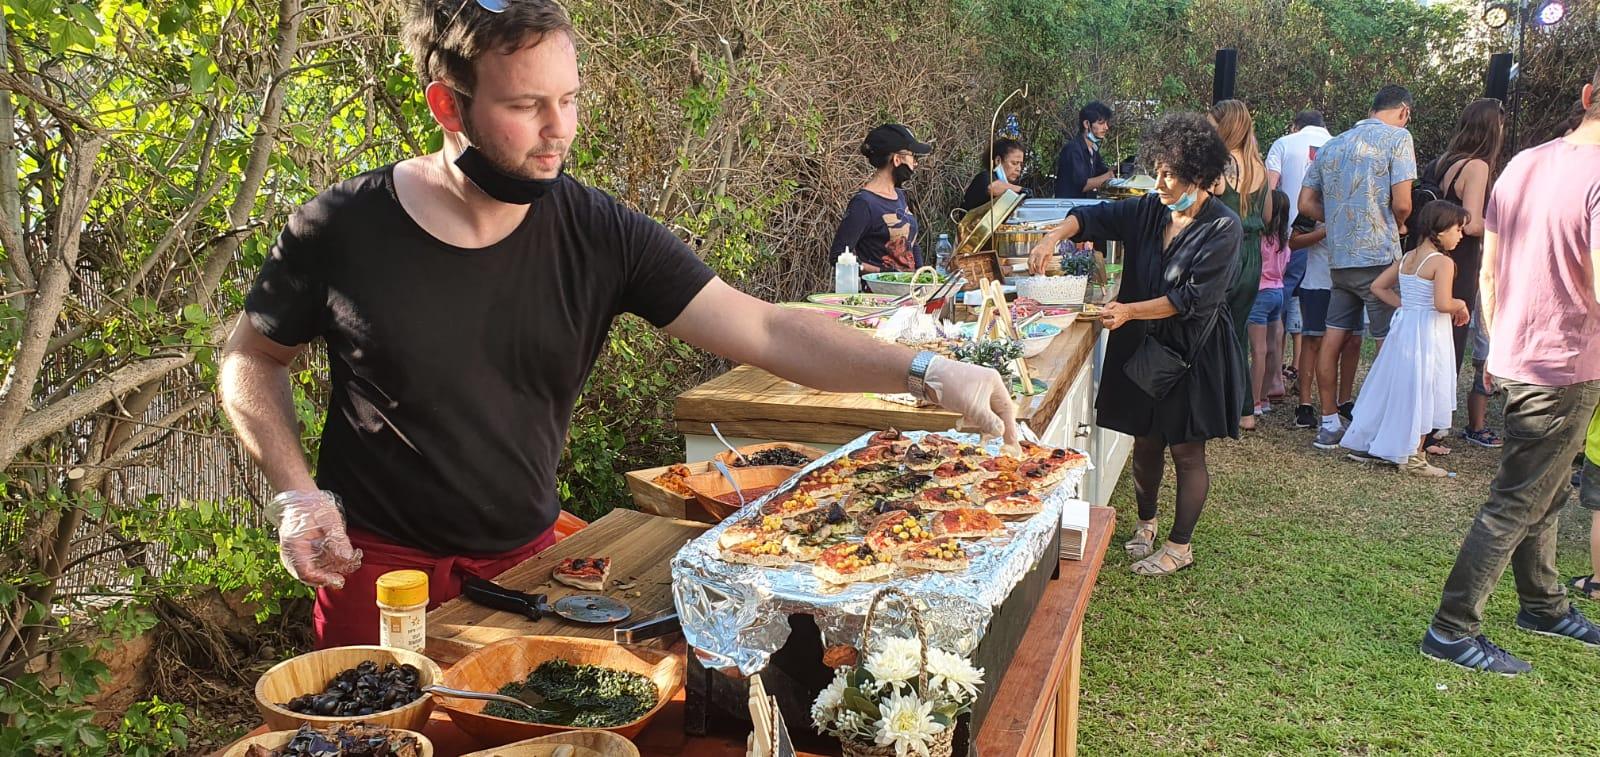 מיני פיצה של קייטרינג לבר מצווה